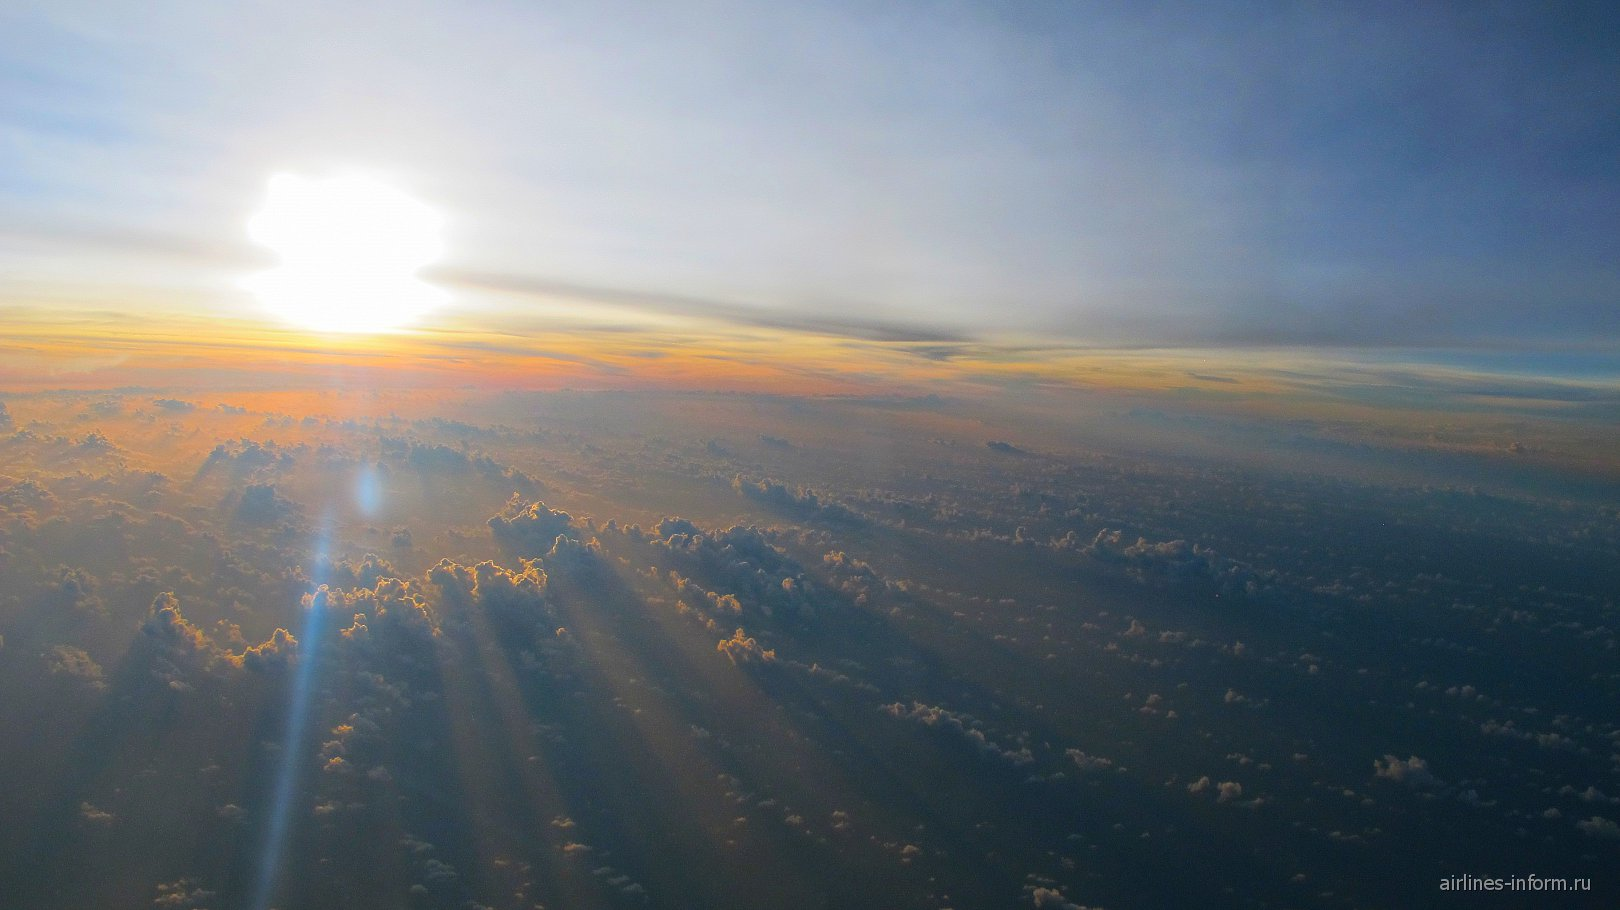 Рассвет над Китаем. Рейс Пекин - Куала-Лумпур.